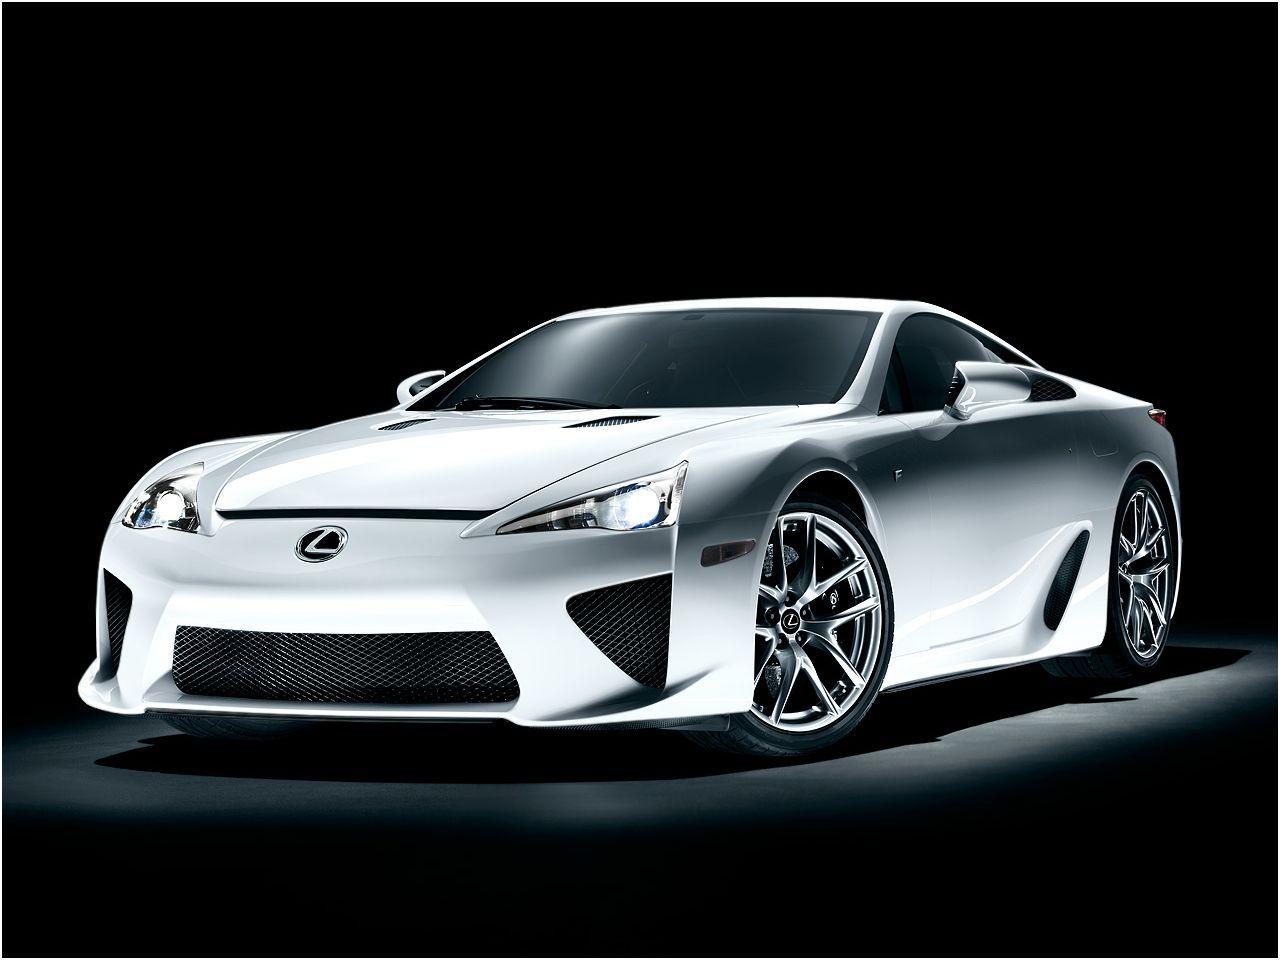 2012 Lexus Lfa Lexus Lfa Lexus Sports Car Fast Sports Cars